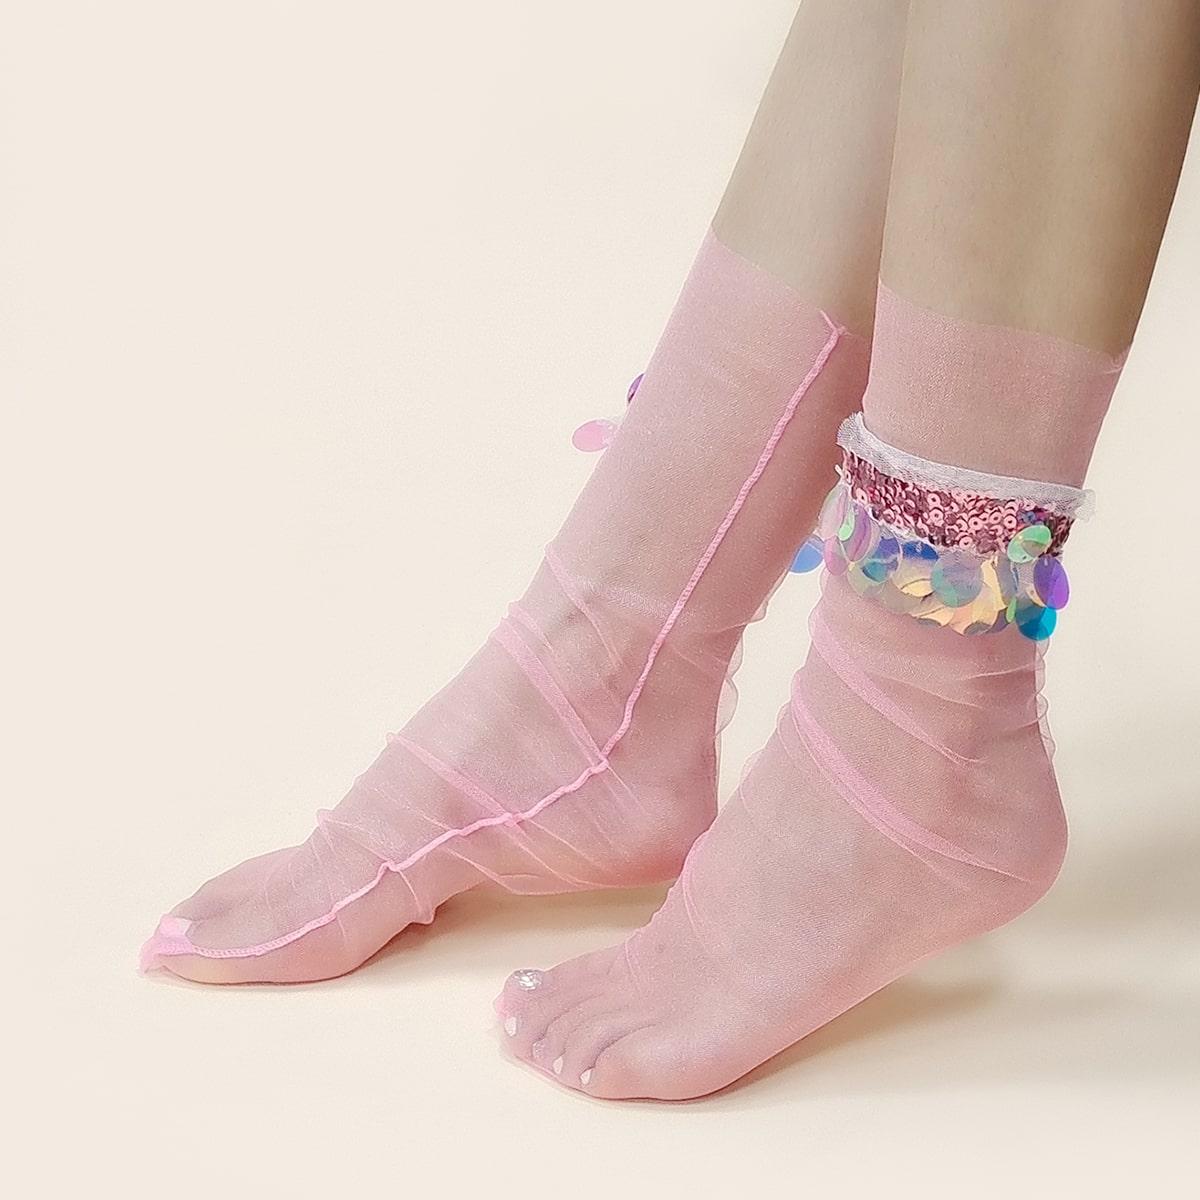 Носки до середины голени с блестками